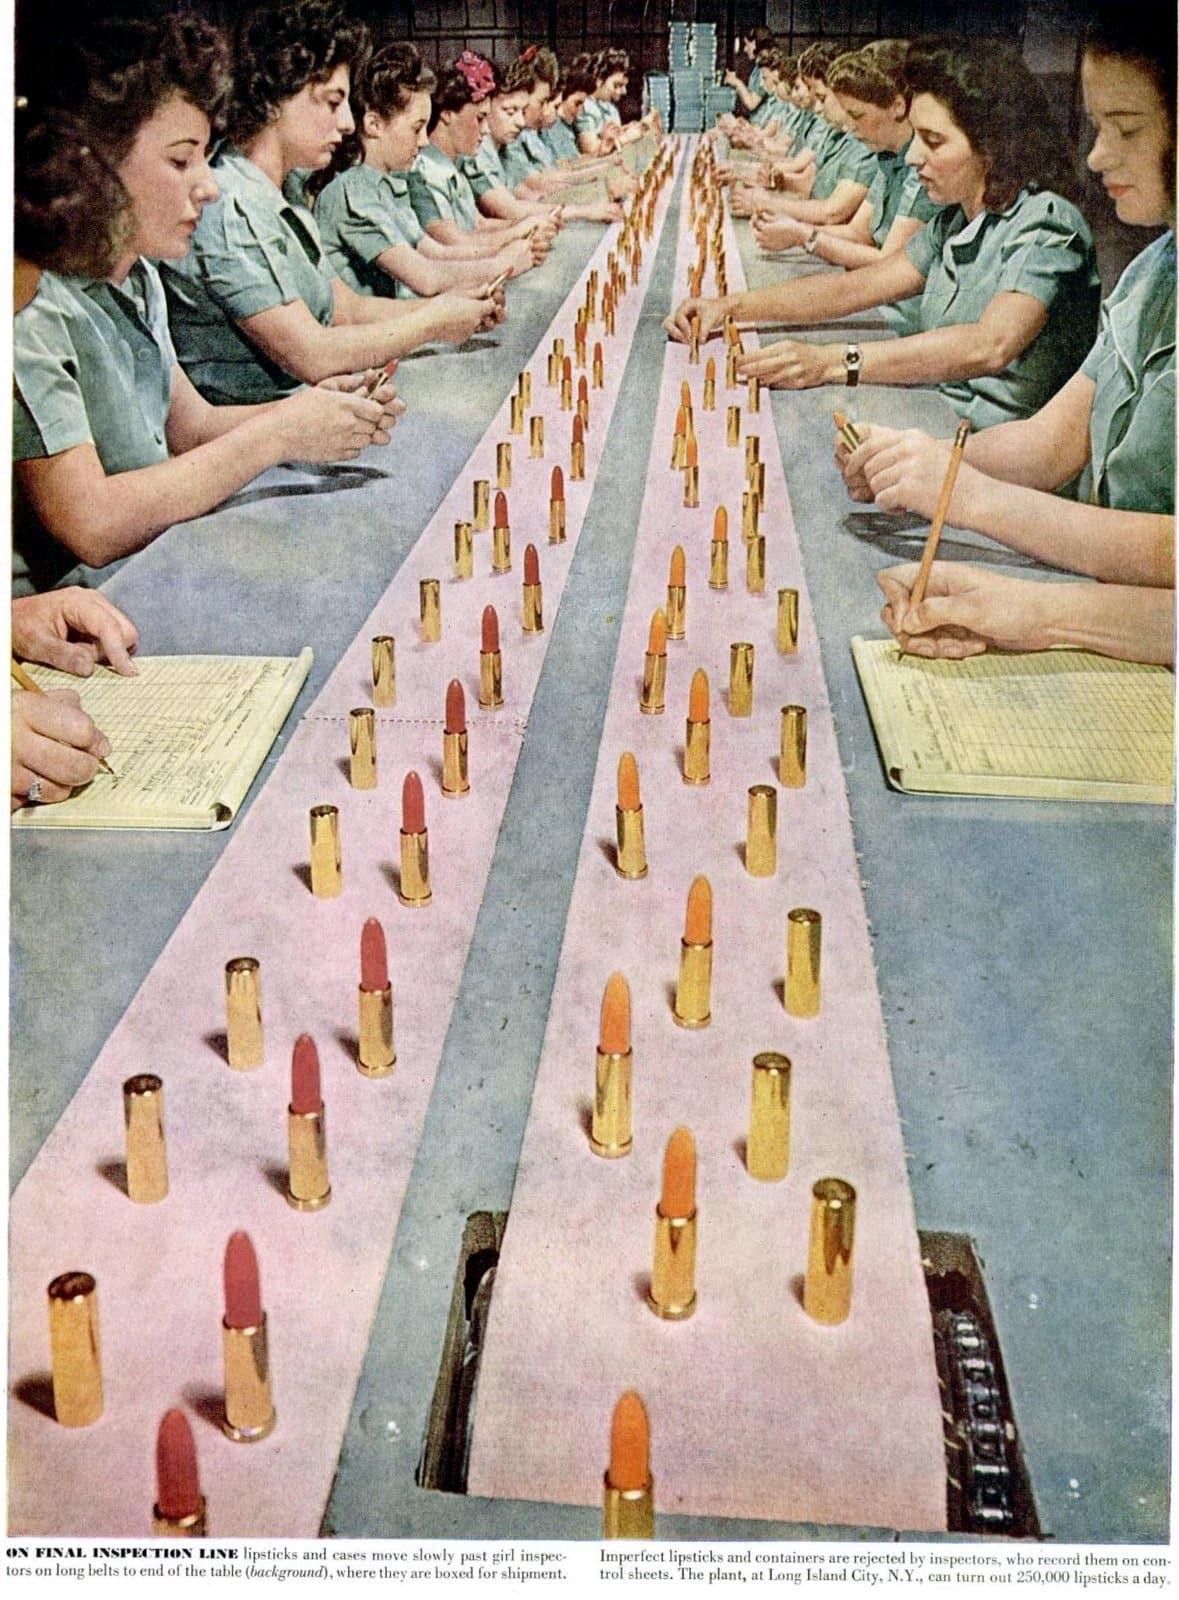 1940s lipstick factory women